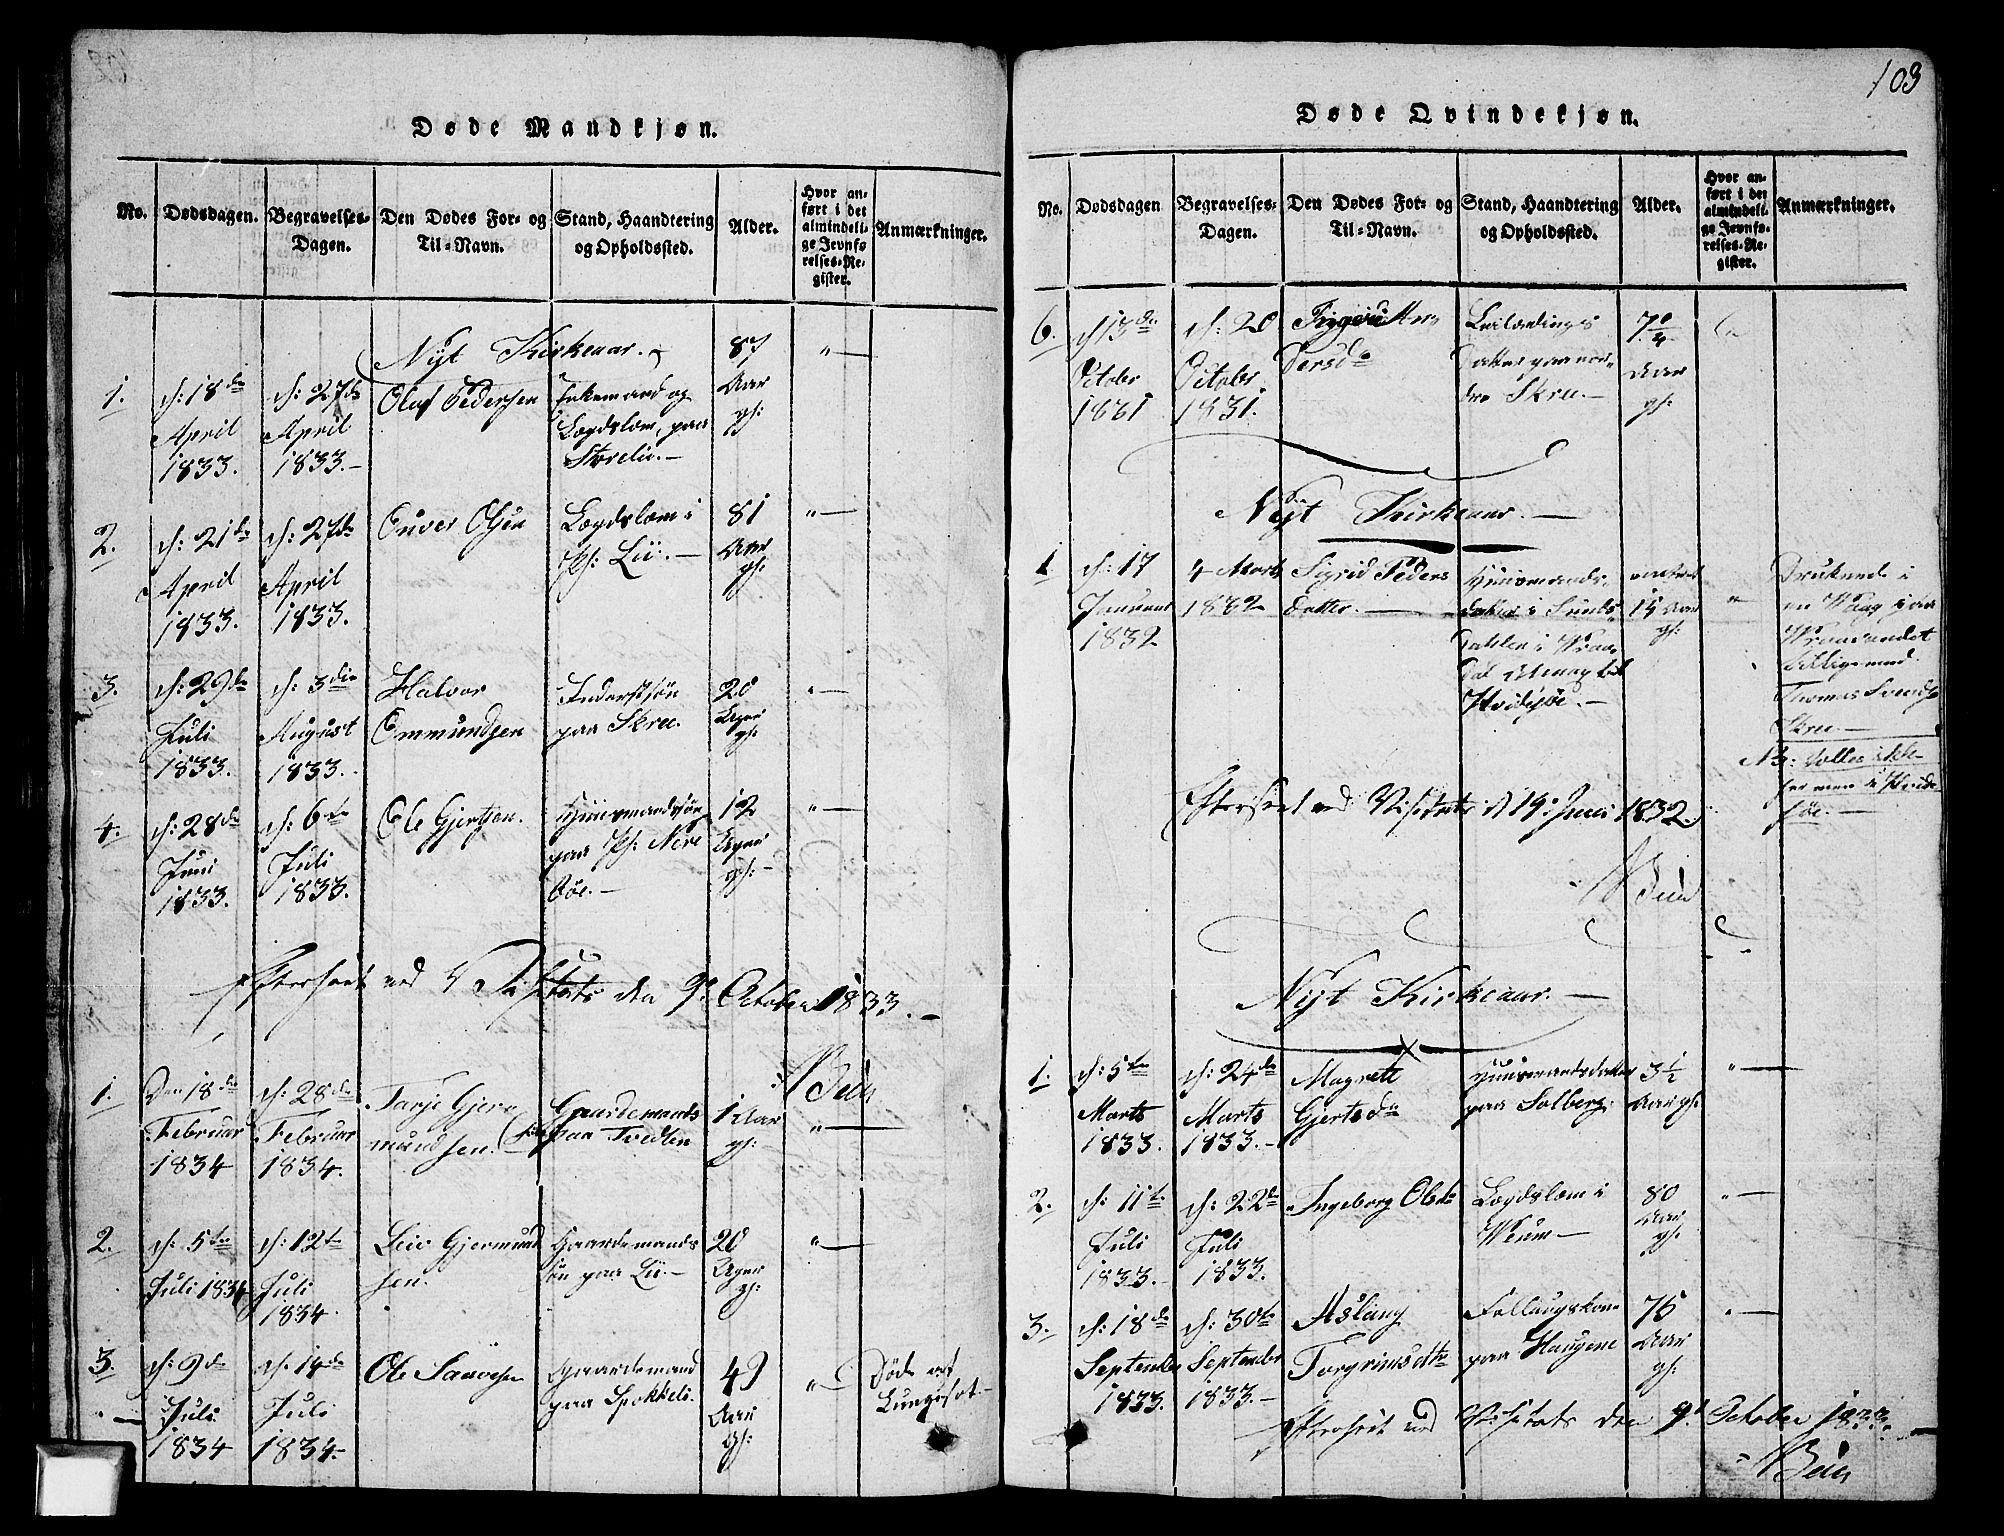 SAKO, Fyresdal kirkebøker, G/Ga/L0003: Klokkerbok nr. I 3, 1815-1863, s. 103